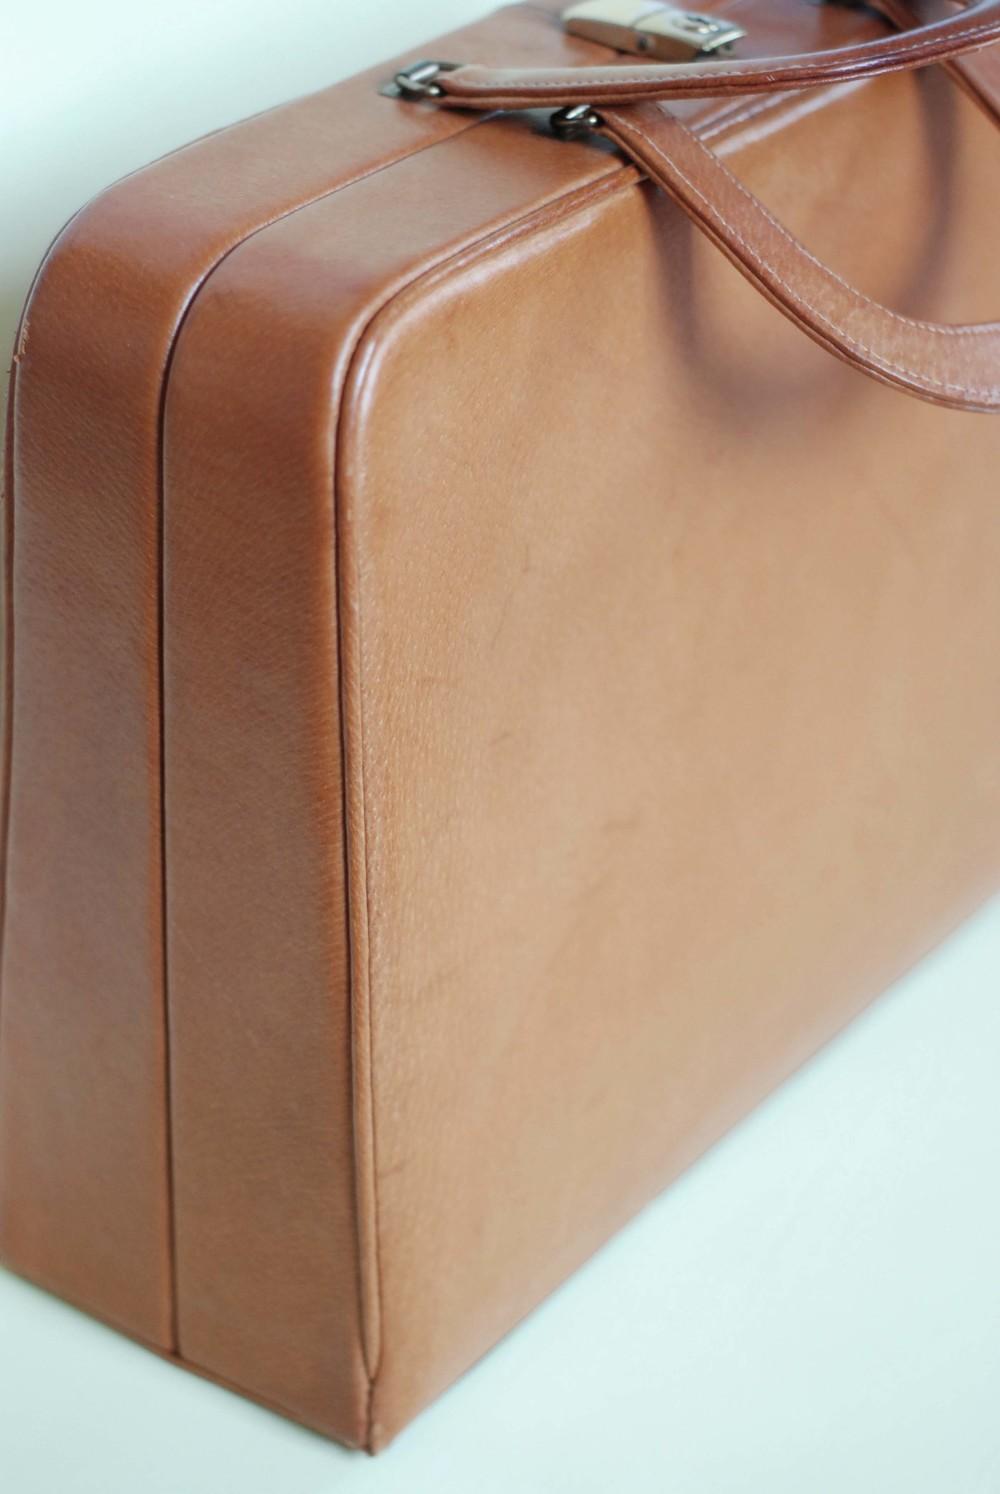 Vintage bag 310 dkk